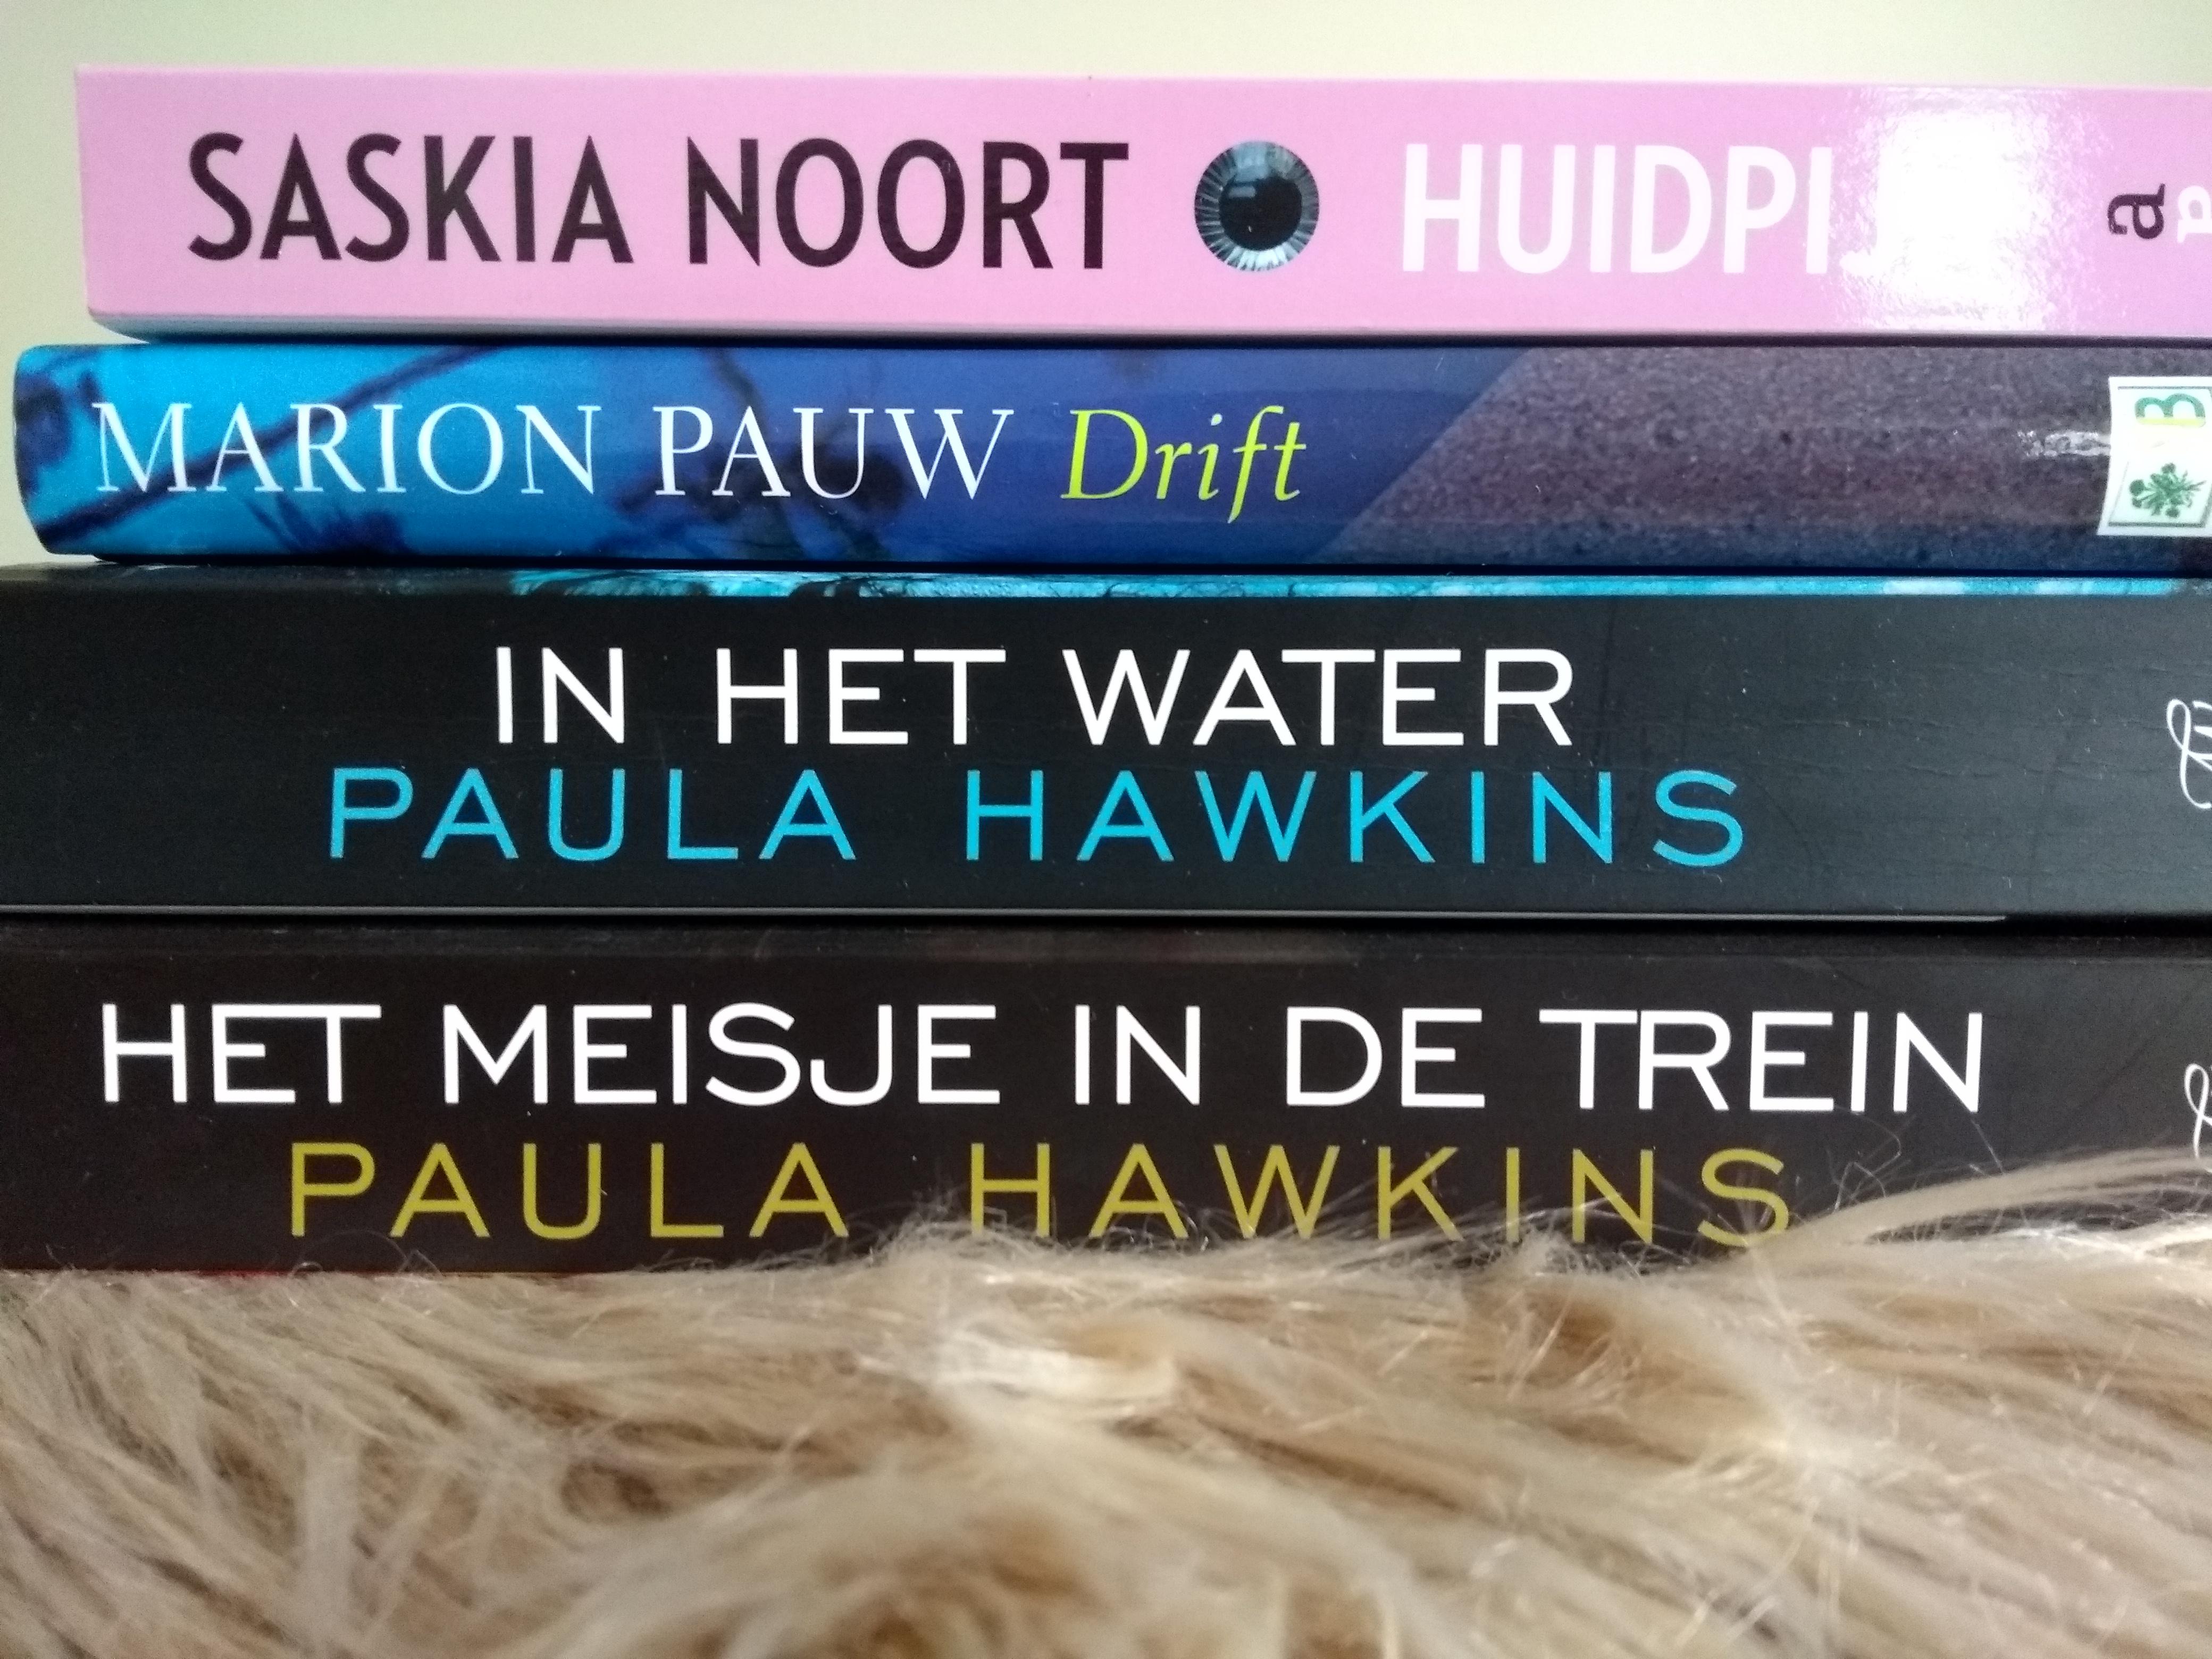 Leestips, boeken, leesboeken, thrillers, literaire thrillers, lezen, goed boek, blog, lifestyle blog, mamablog, mamalifestyle blog, lalog, lalogblog, lalog.nl